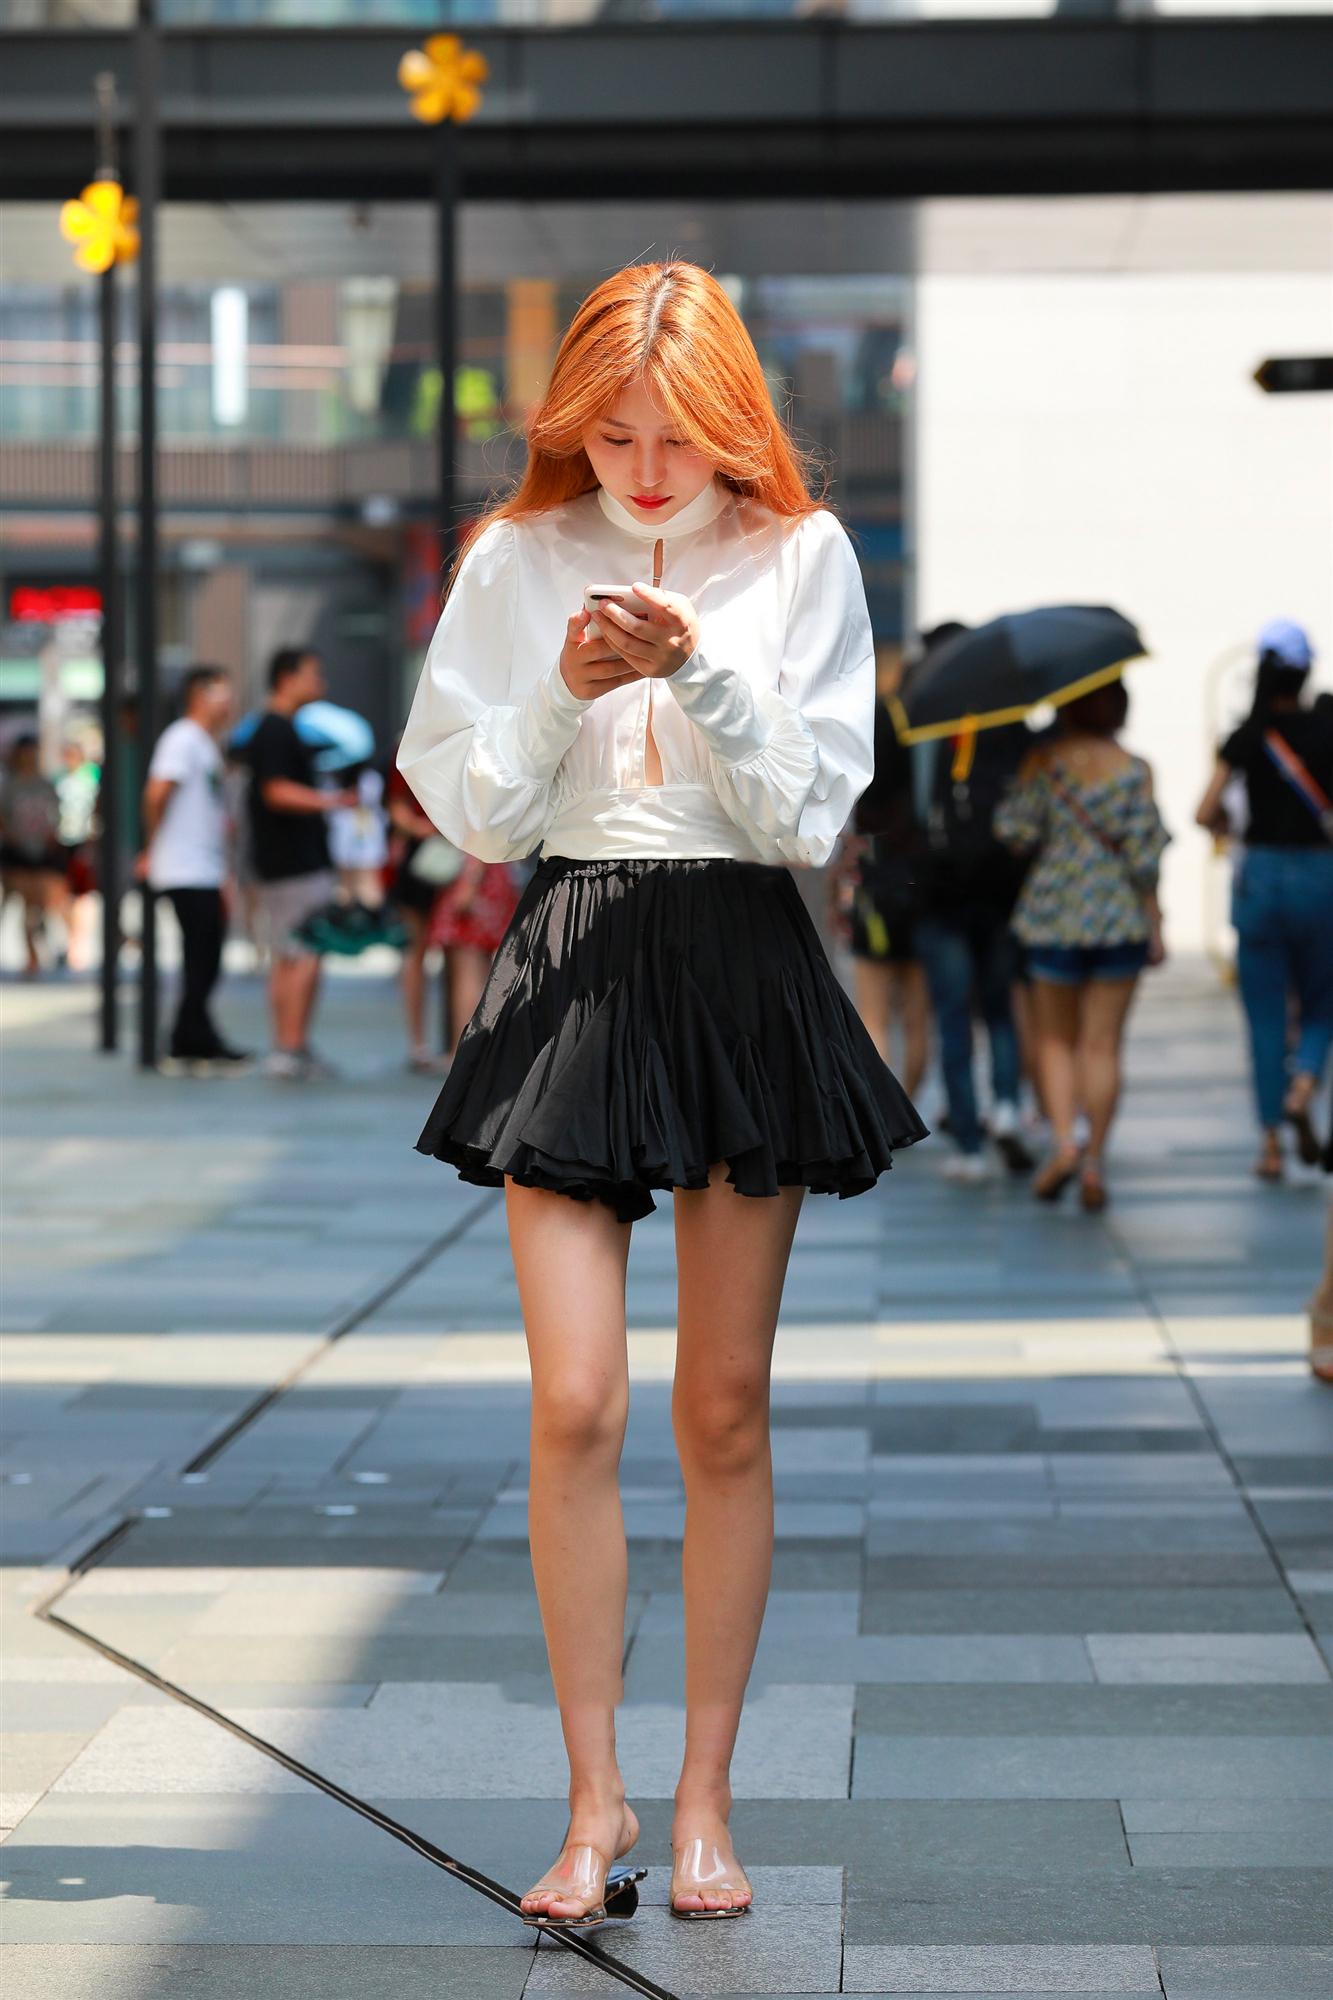 黄色长发气质美女,身穿白色休闲上衣,搭配黑色百褶裙,透明高跟鞋,轻松